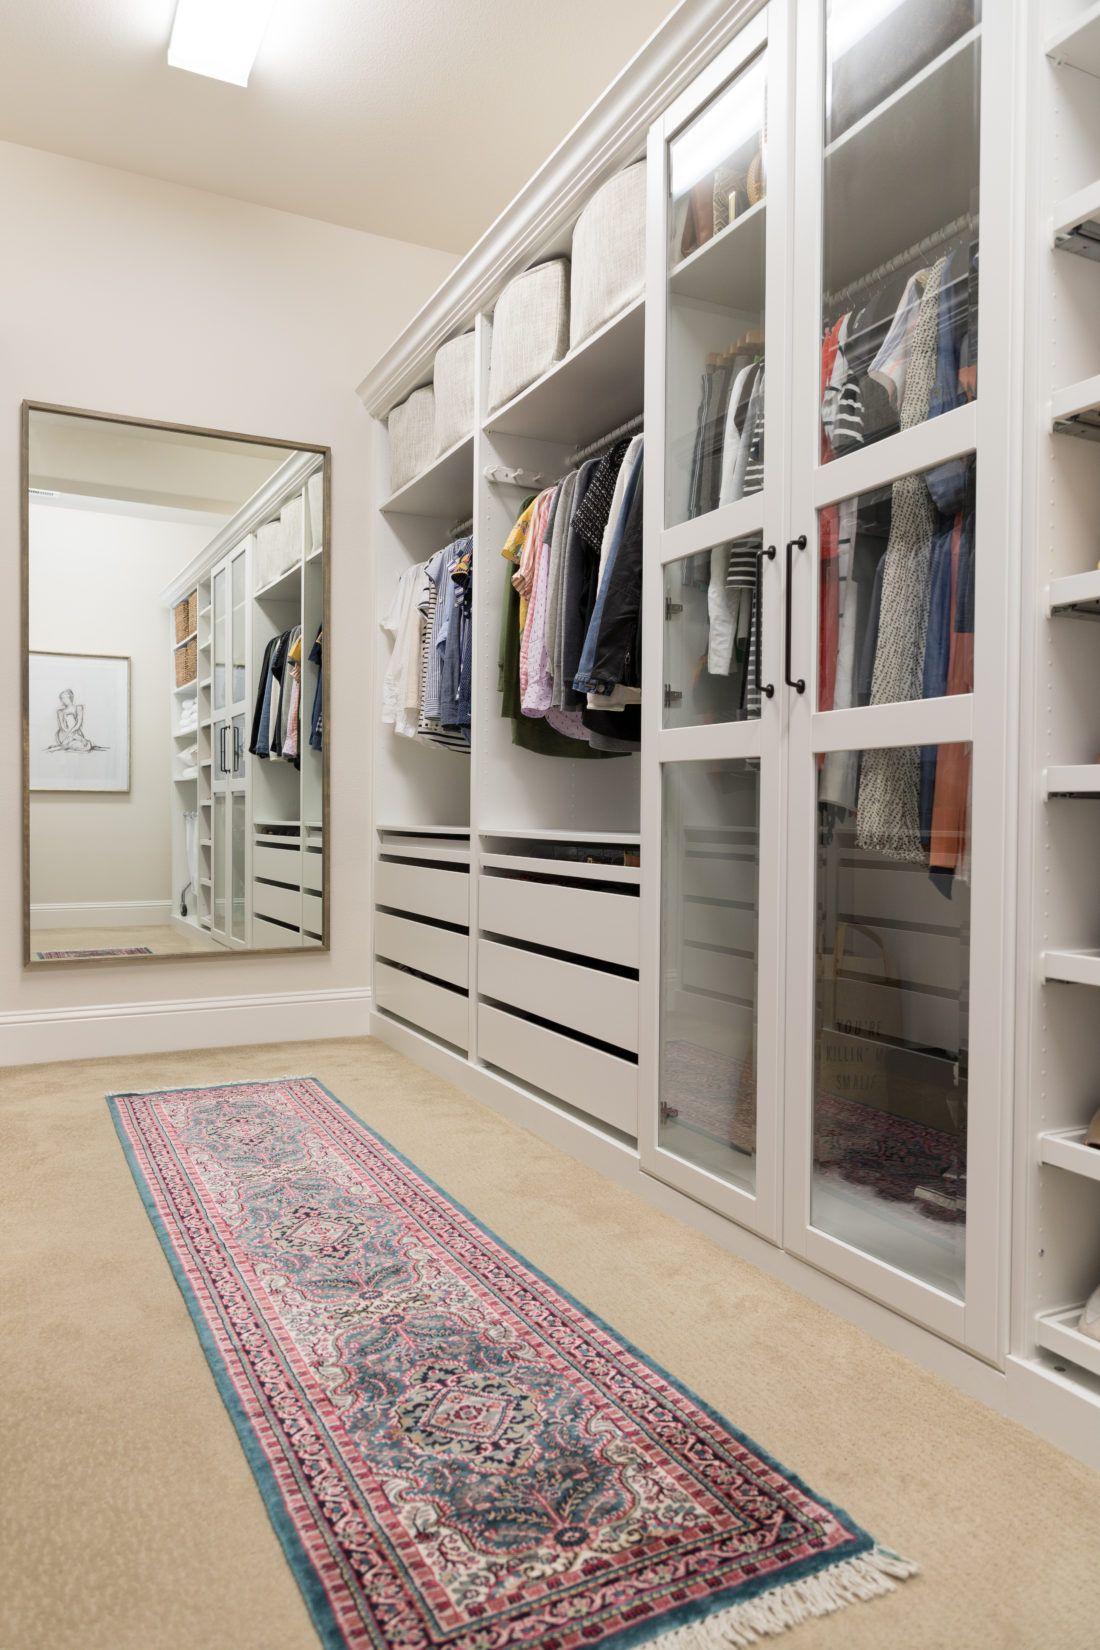 Walk In Closet Makeover With Ikea Pax Schlafzimmer Schrank Ideen